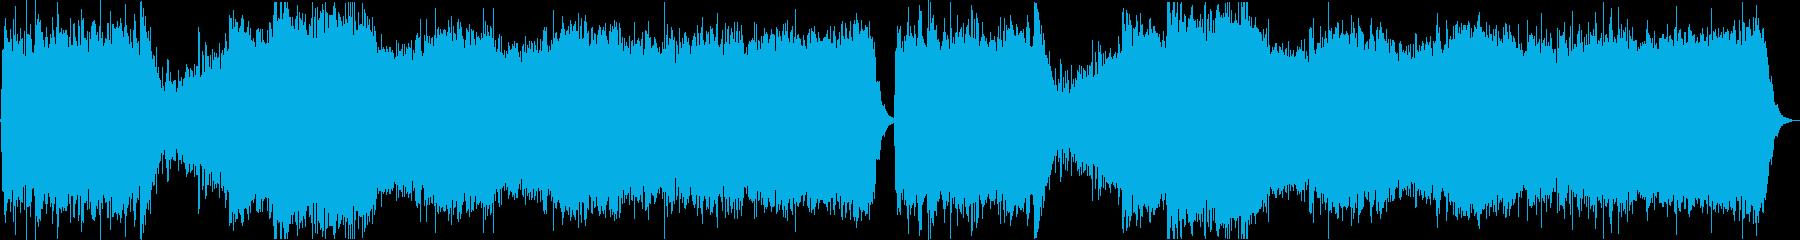 不気味で壮大なシネマ系ホラーBGMの再生済みの波形